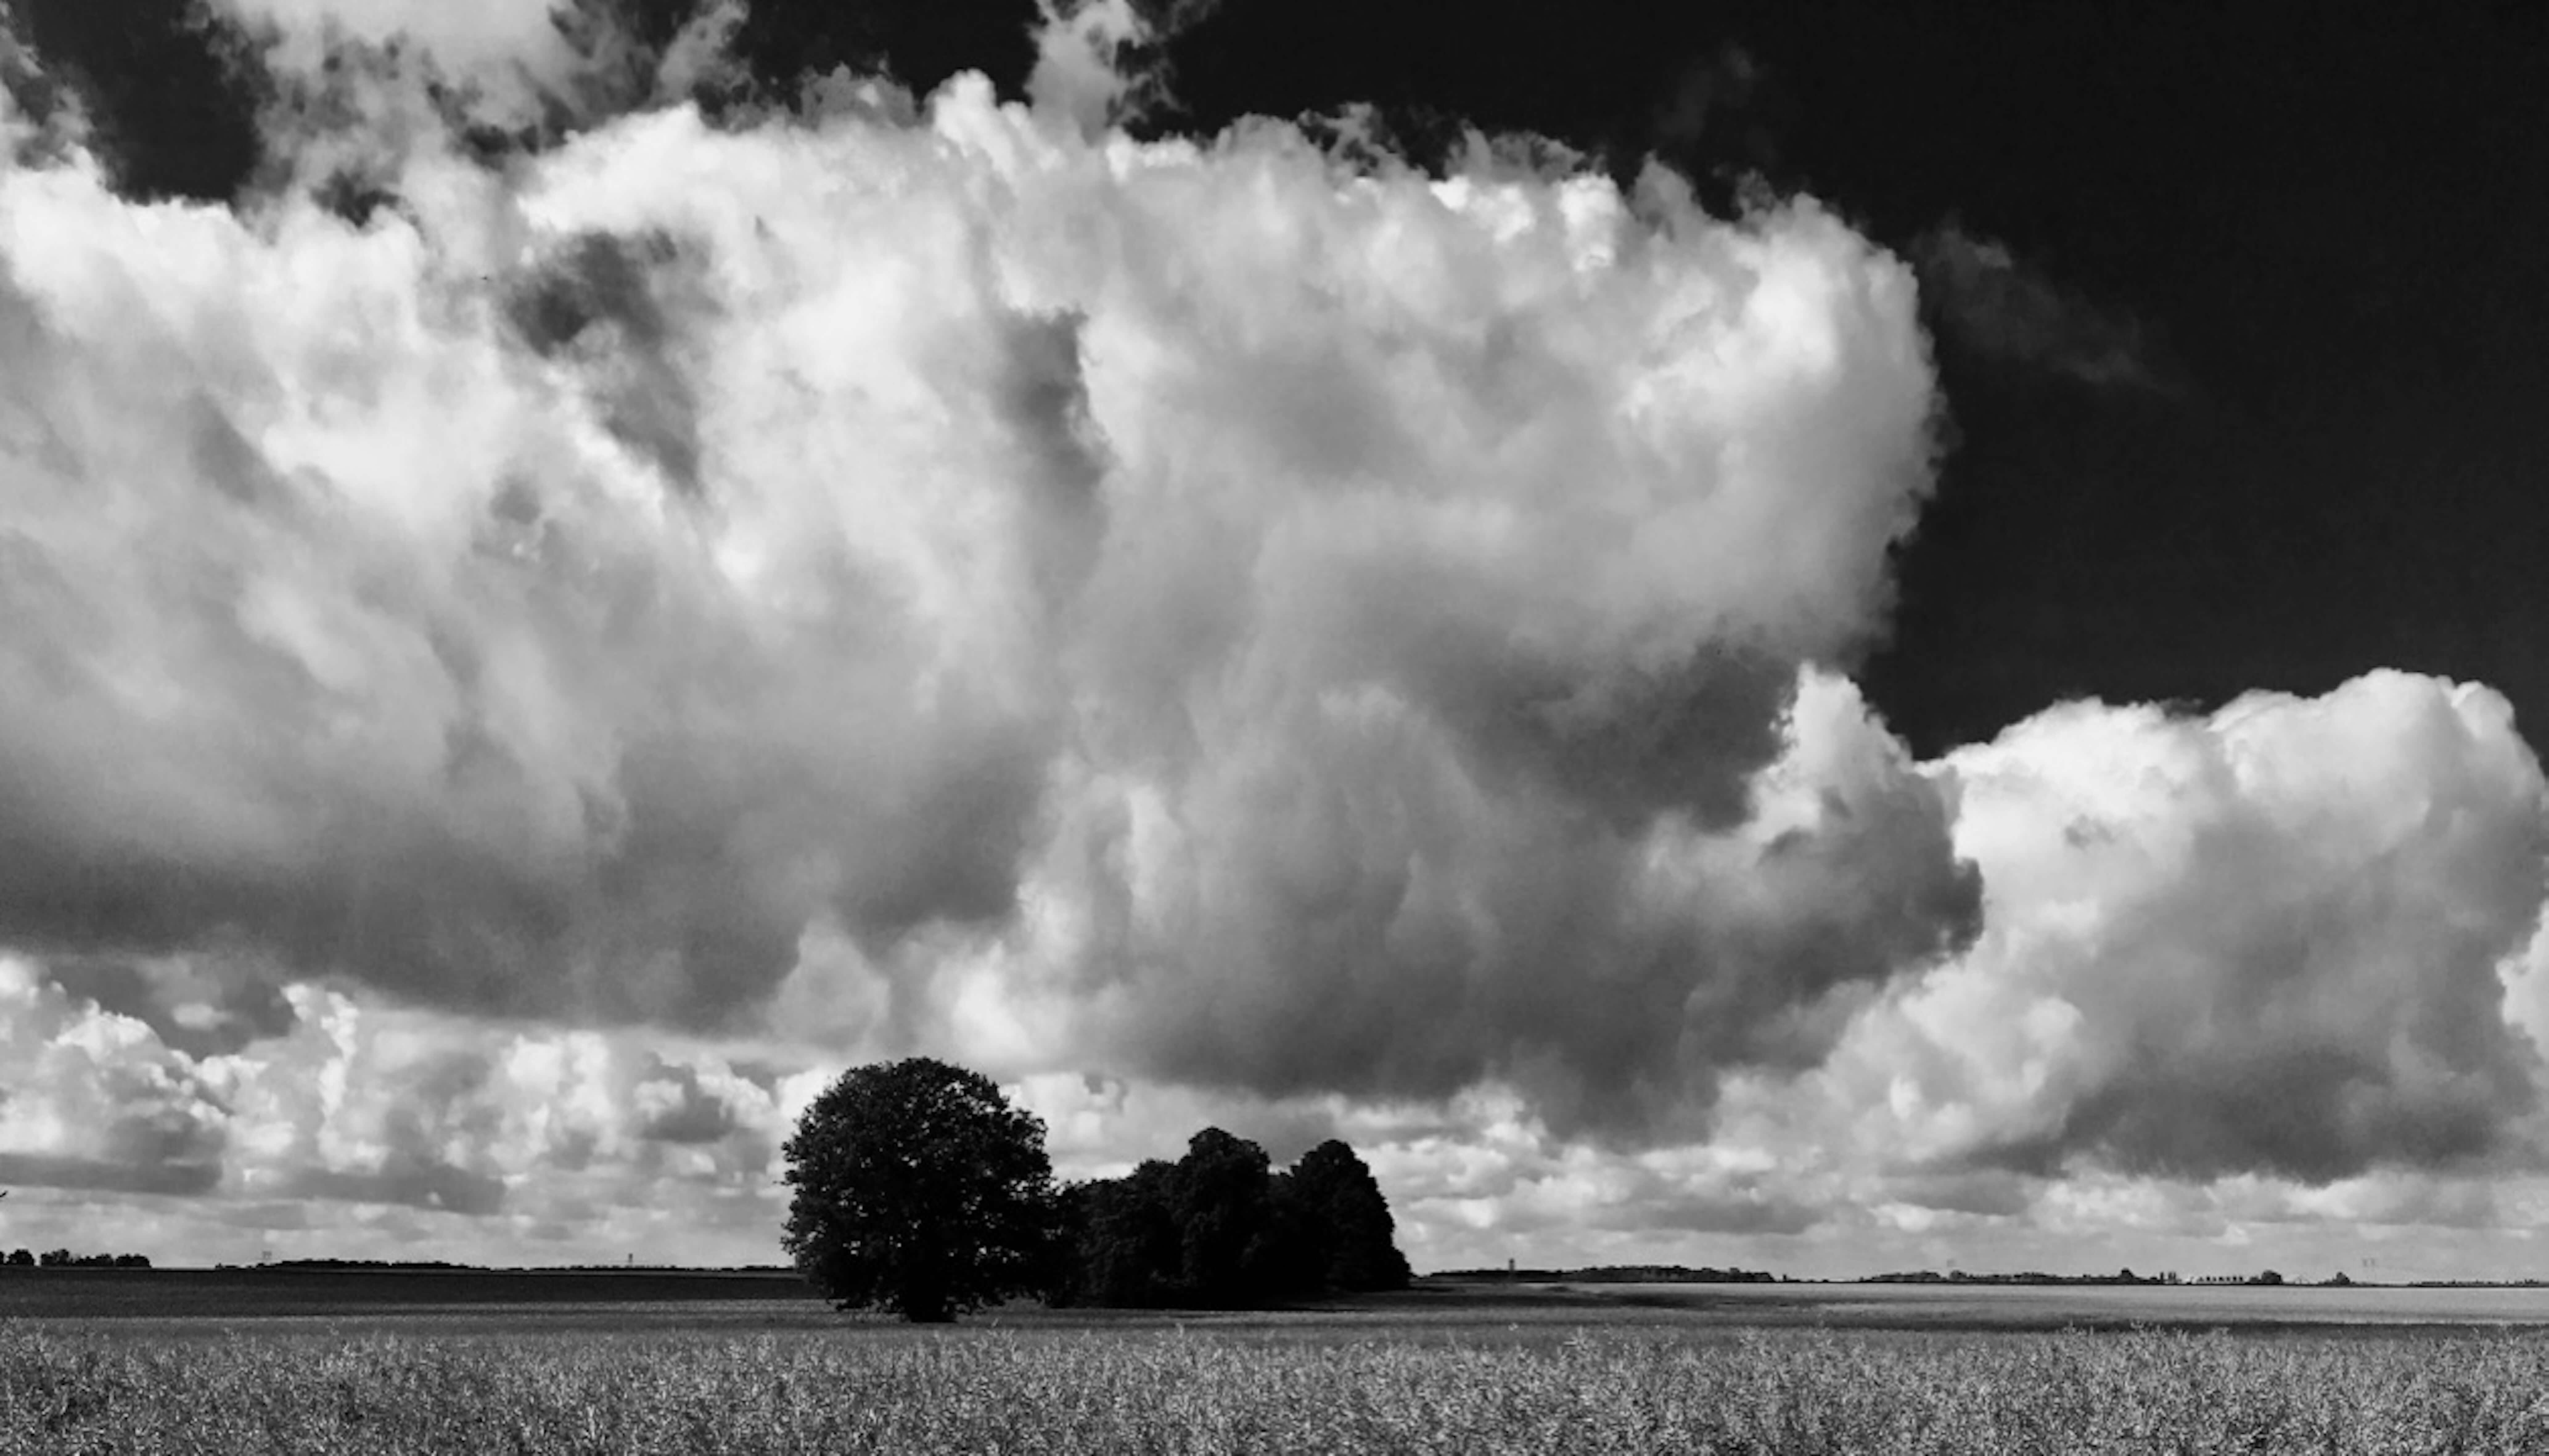 L'immensité des paysages communs